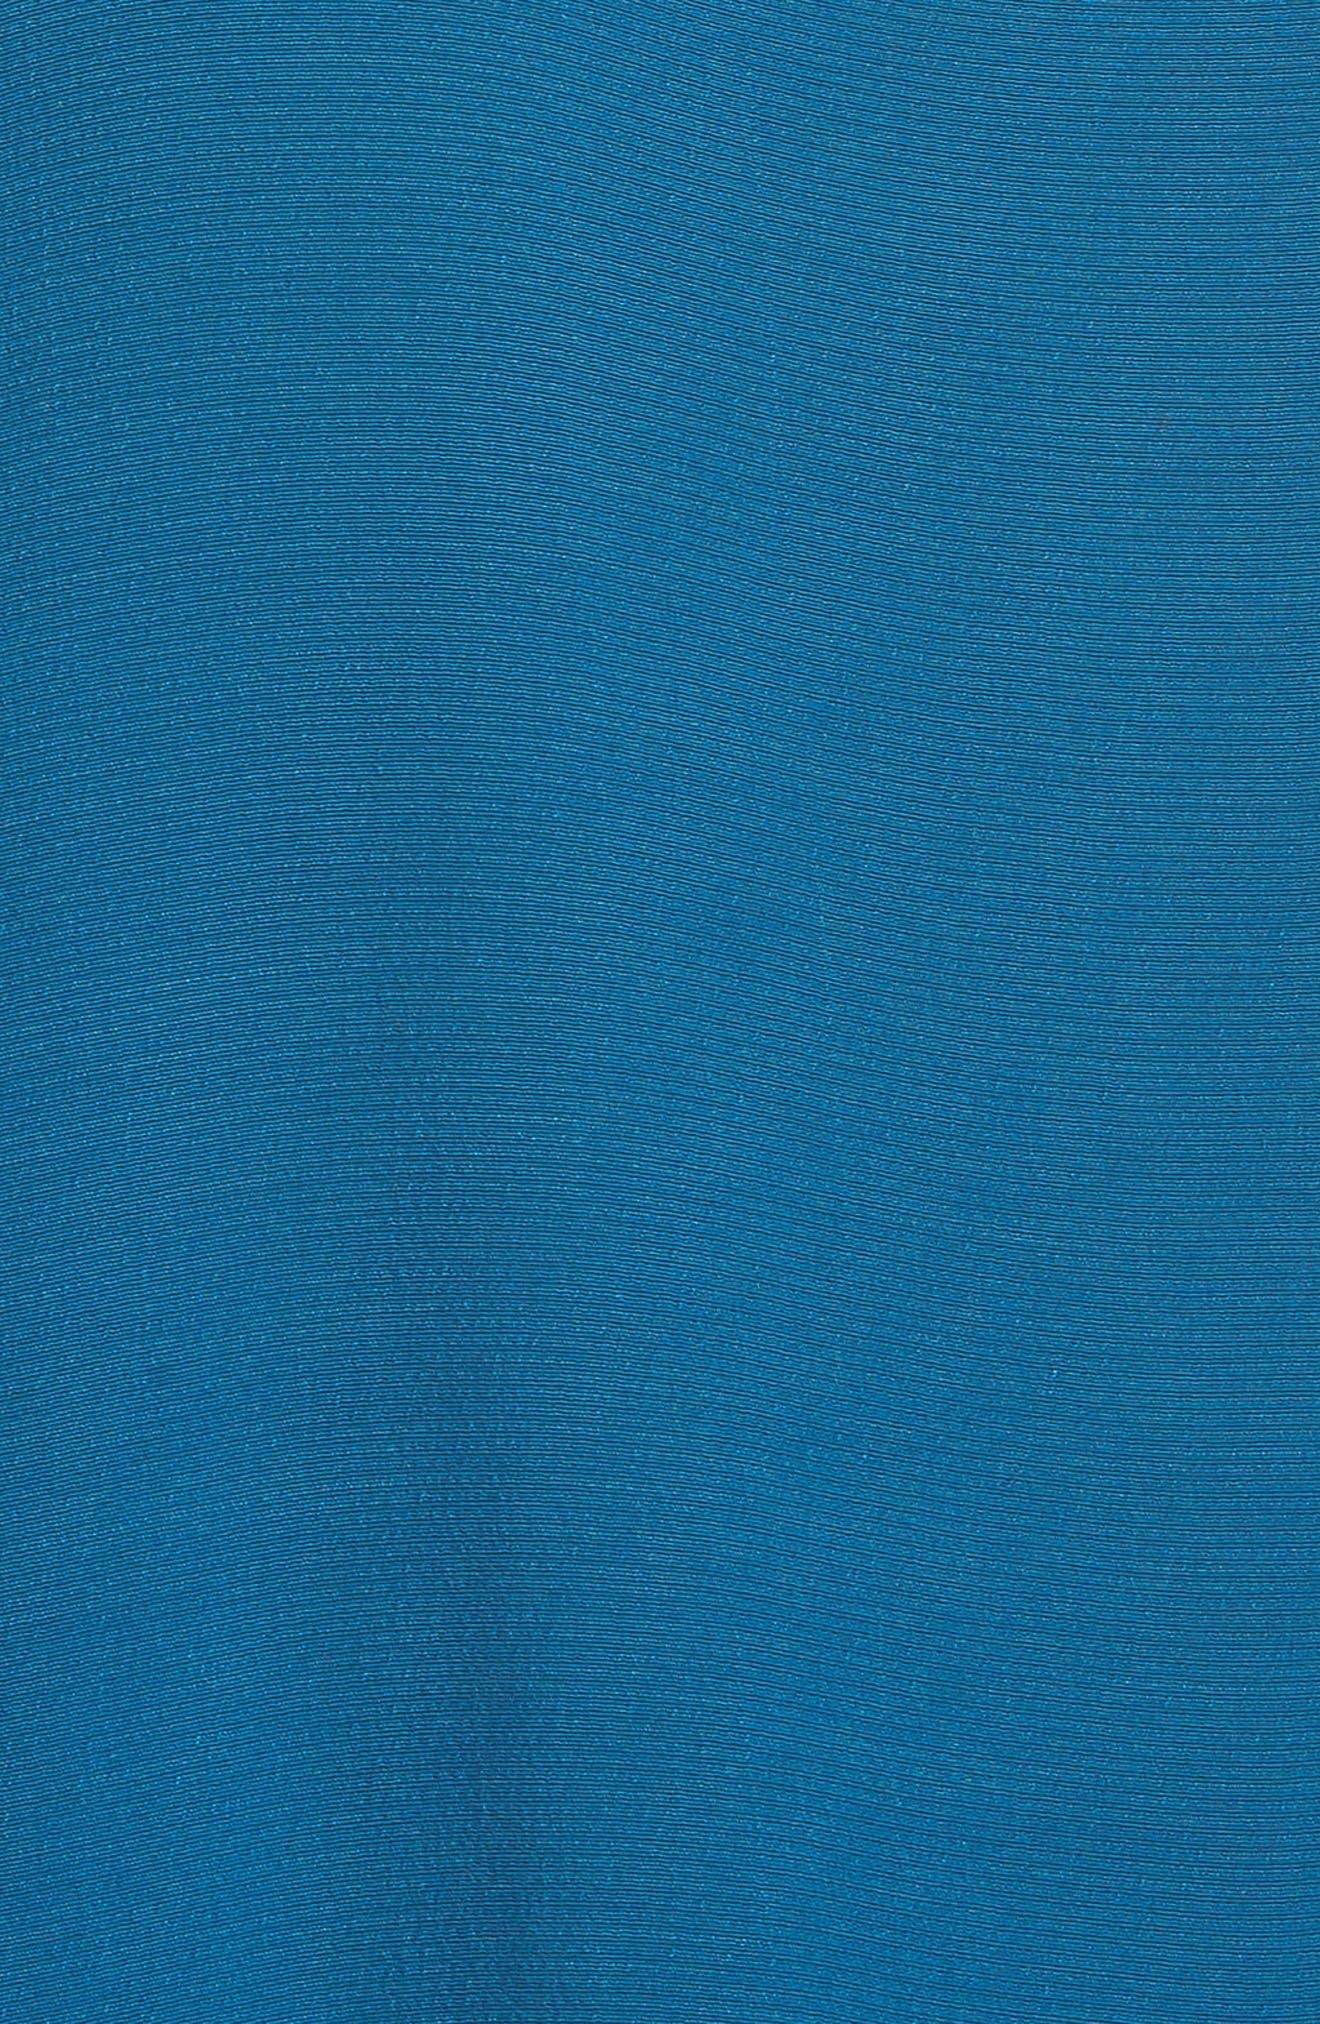 Midi Slipdress,                             Alternate thumbnail 5, color,                             Nile